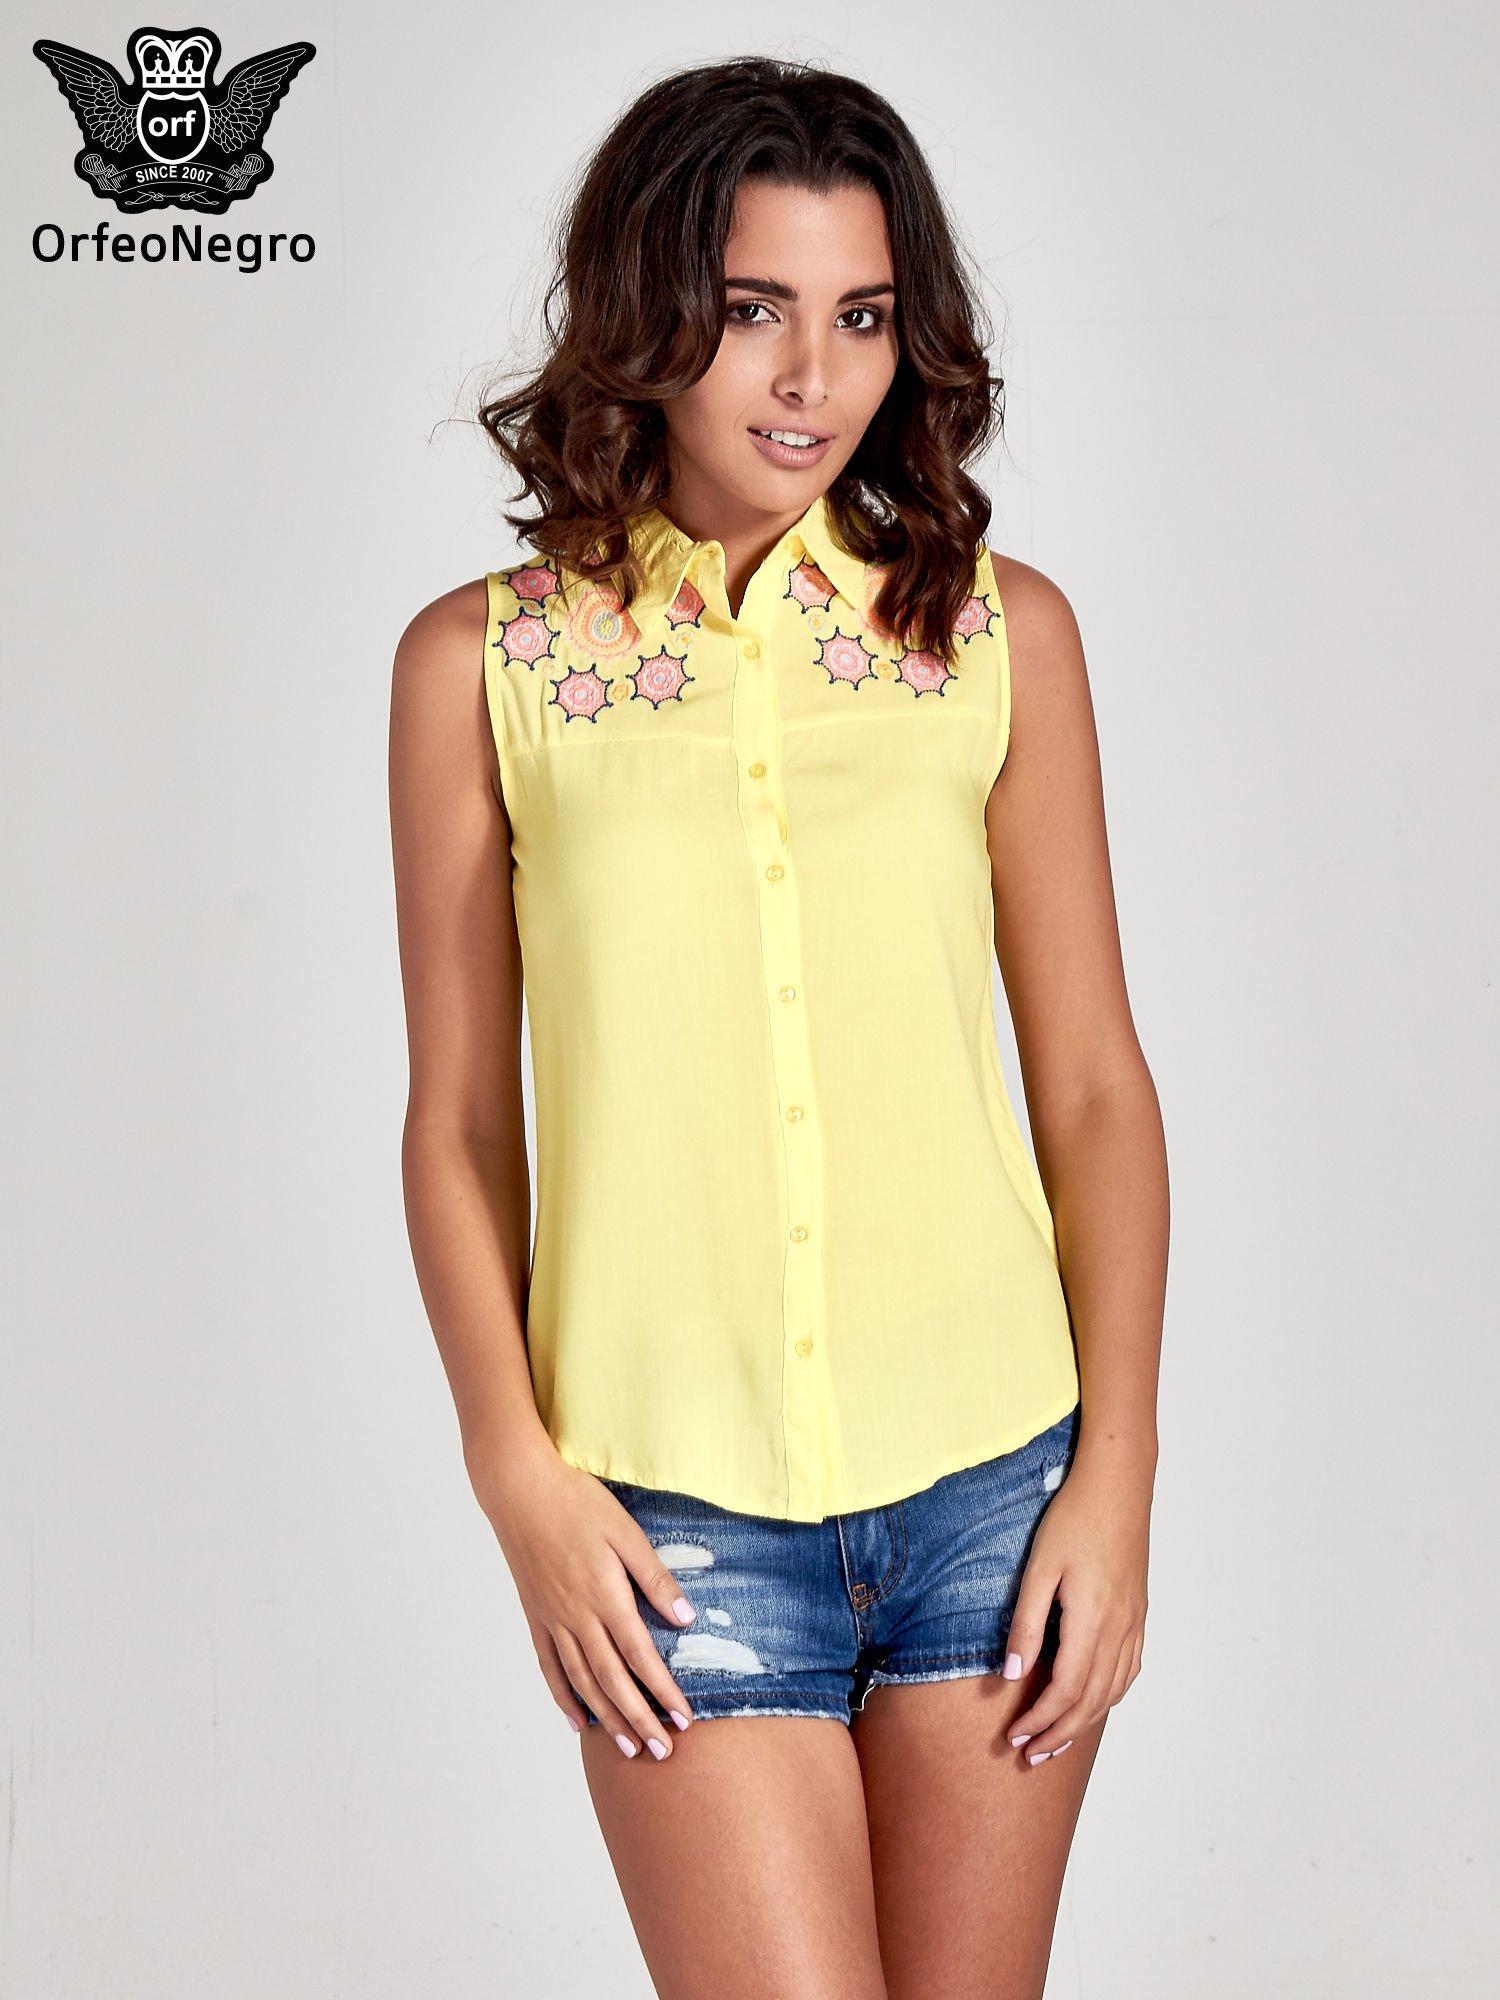 Żółta koszula bez rękawów z kolorowym haftem na górze                                  zdj.                                  1